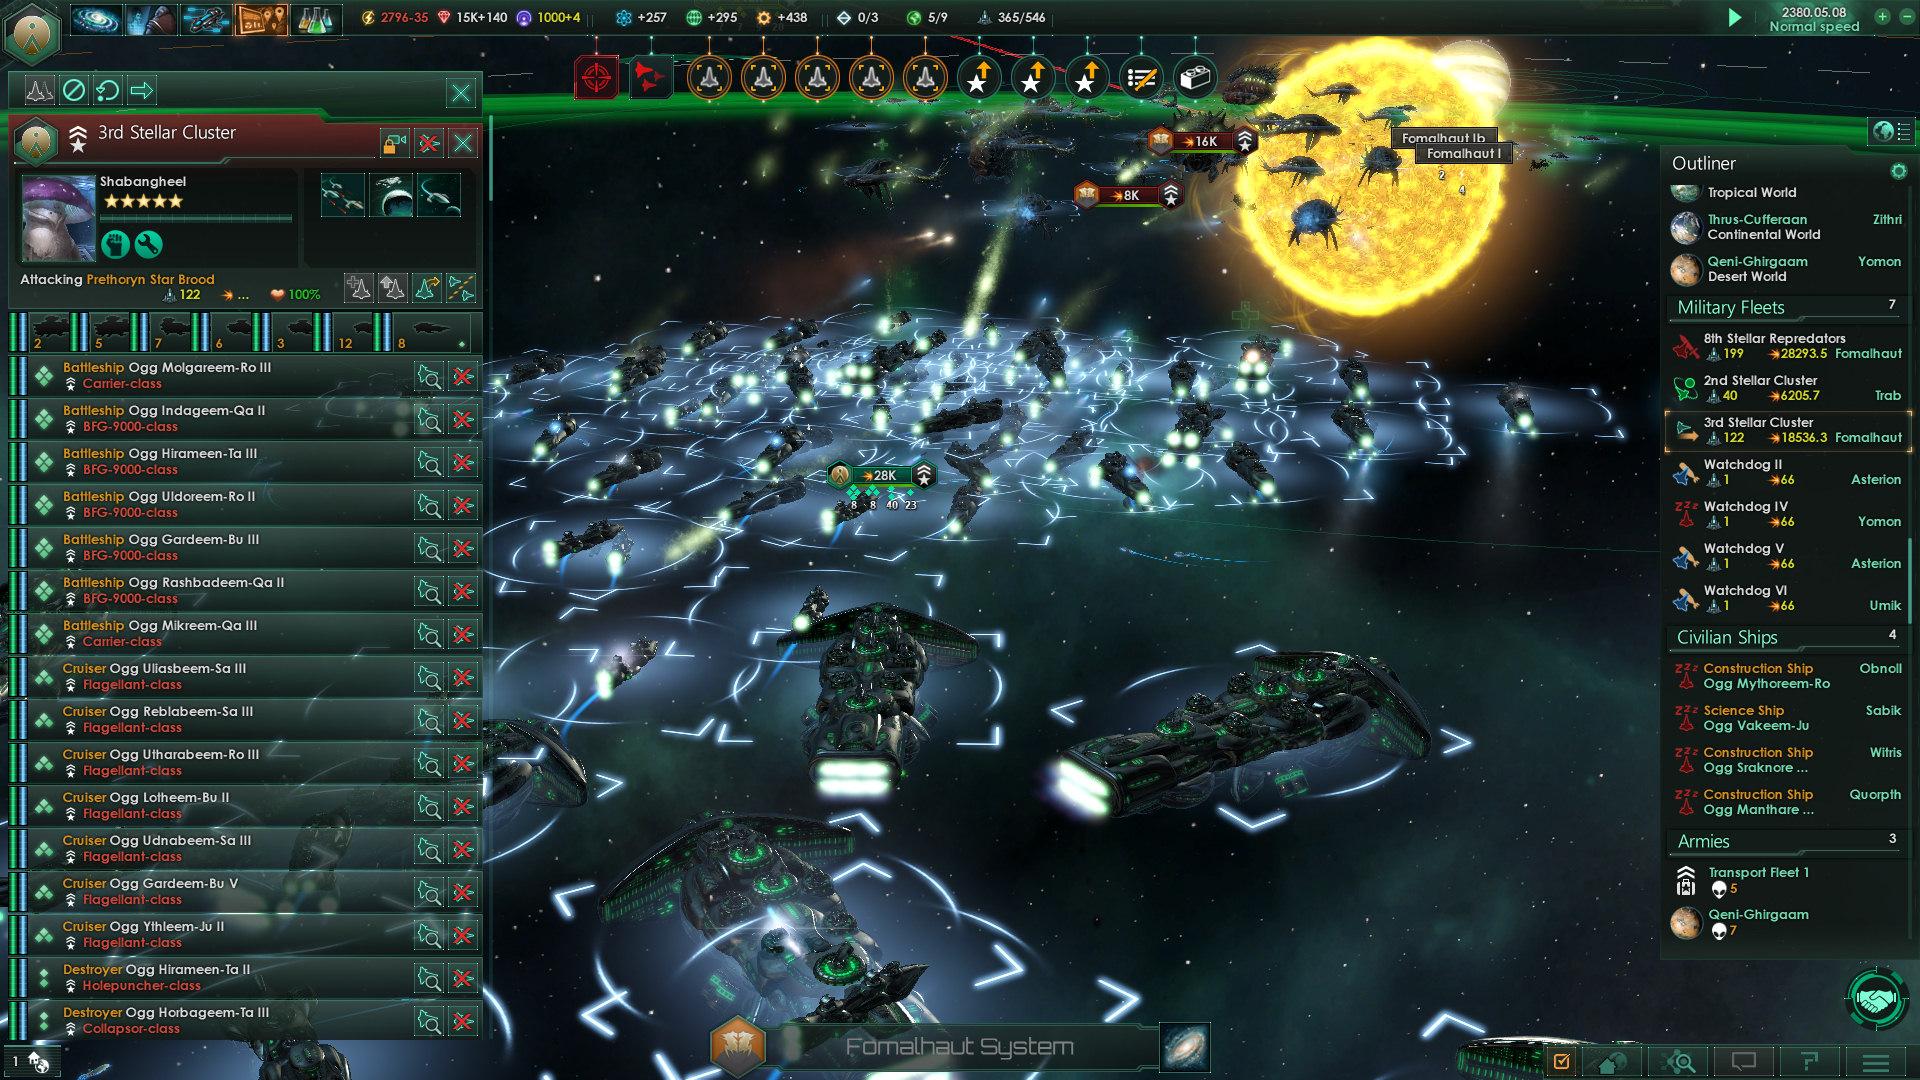 A nova expansão da Stellaris altera o sistema de navegação FTL